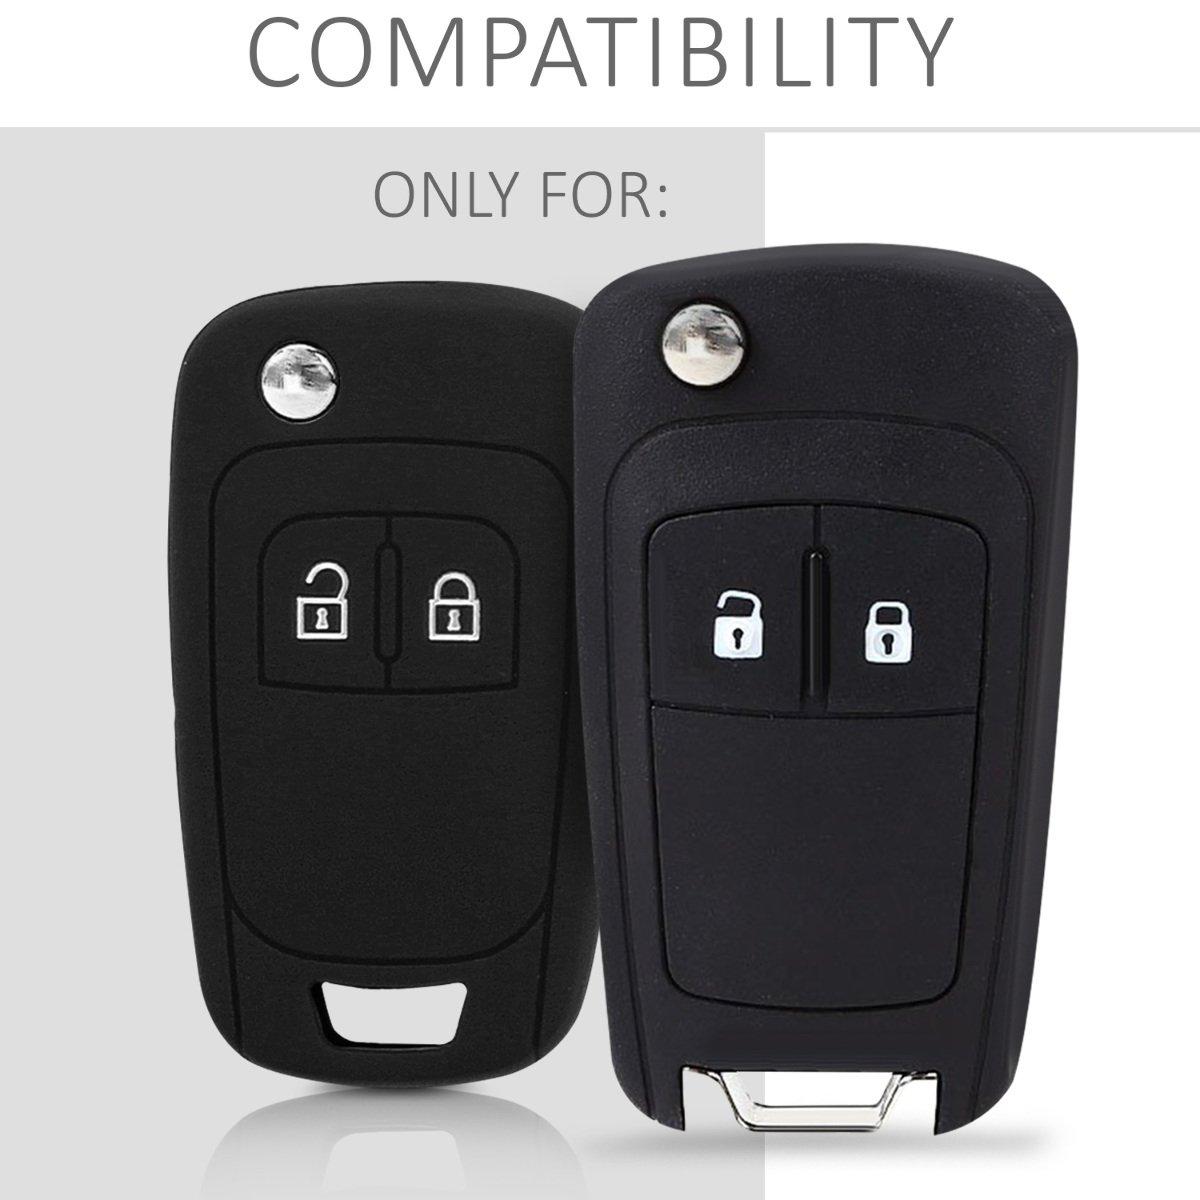 kwmobile Funda de Silicona para Llave Plegable de 2 Botones para Coche Opel Chevrolet - Carcasa Protectora Suave de Silicona - Case Mando de Auto ...